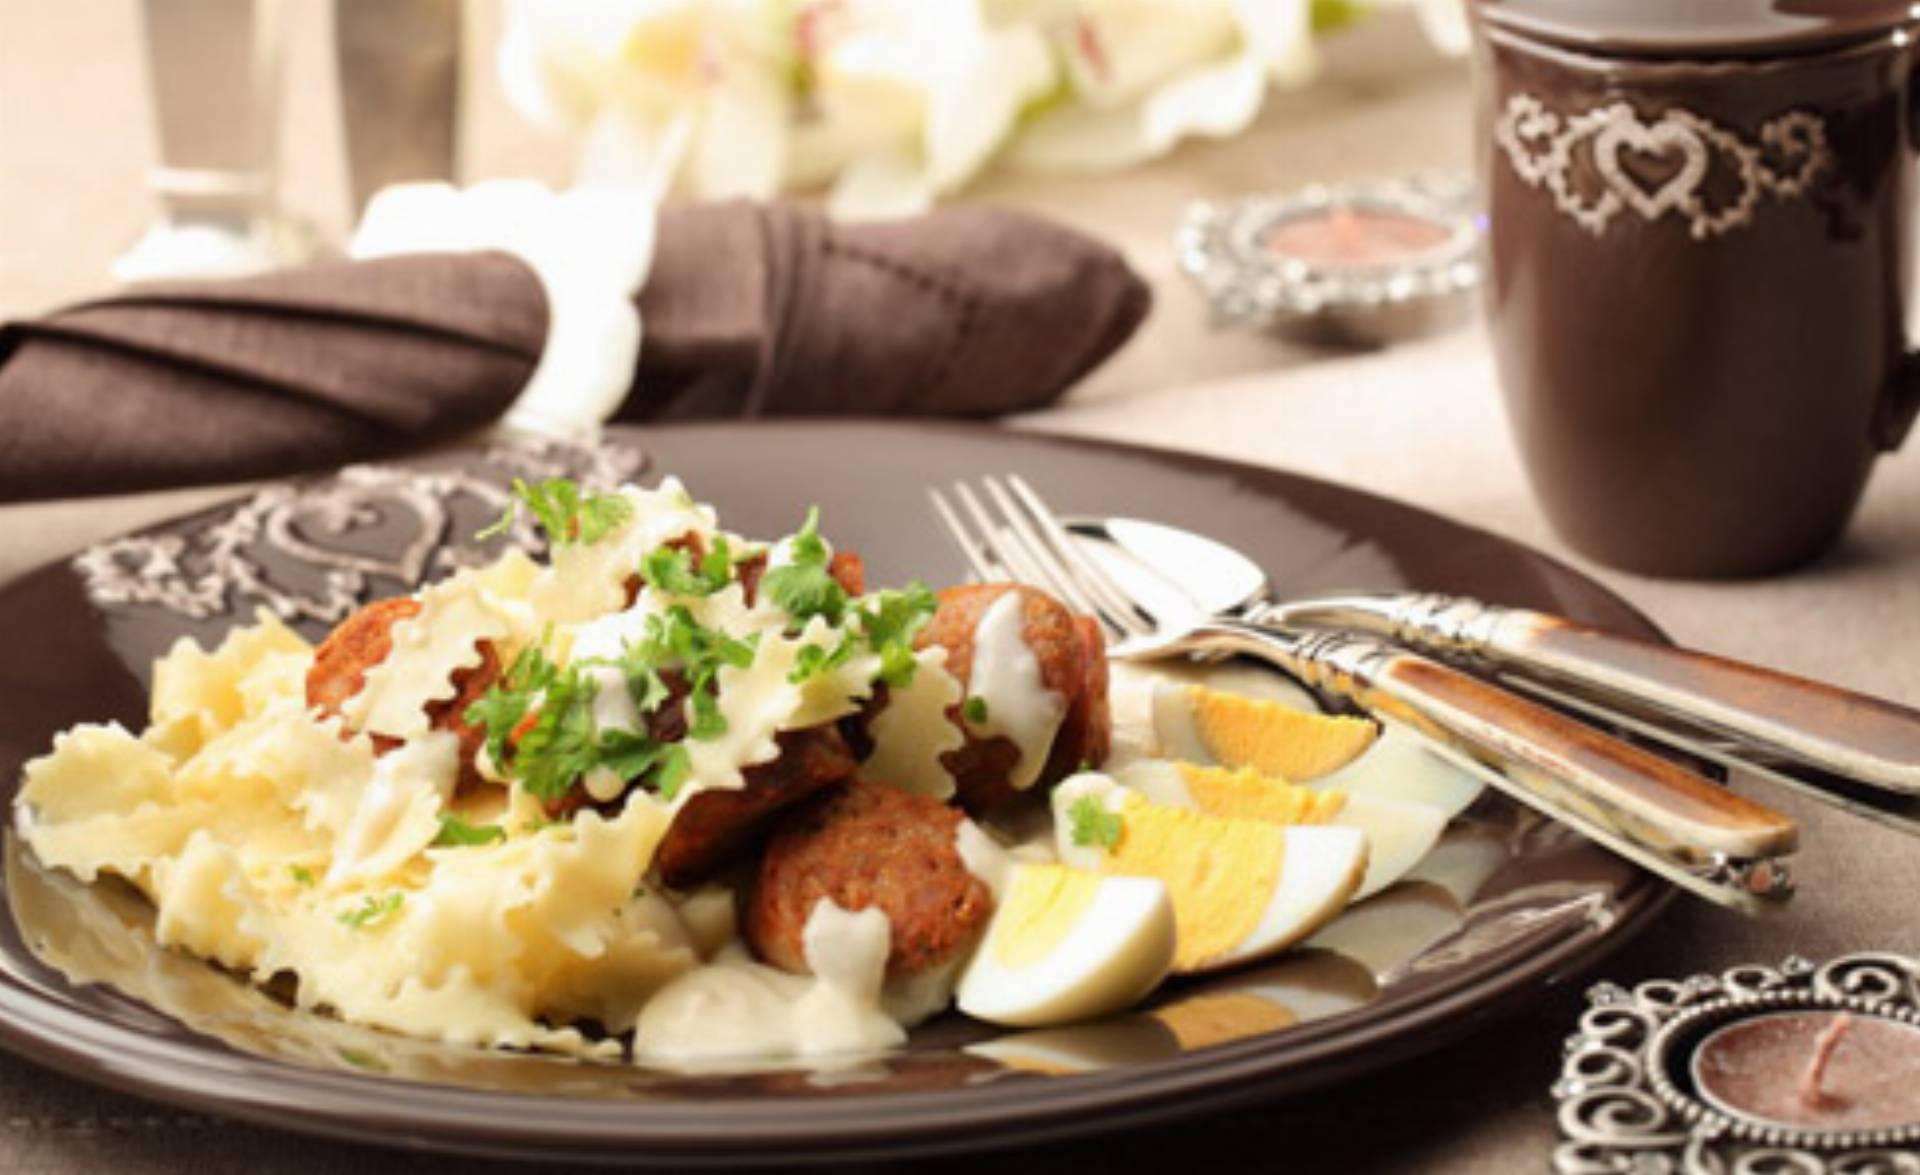 Makaronowa wstążka z białą kiełbasą w sosie chrzanowym